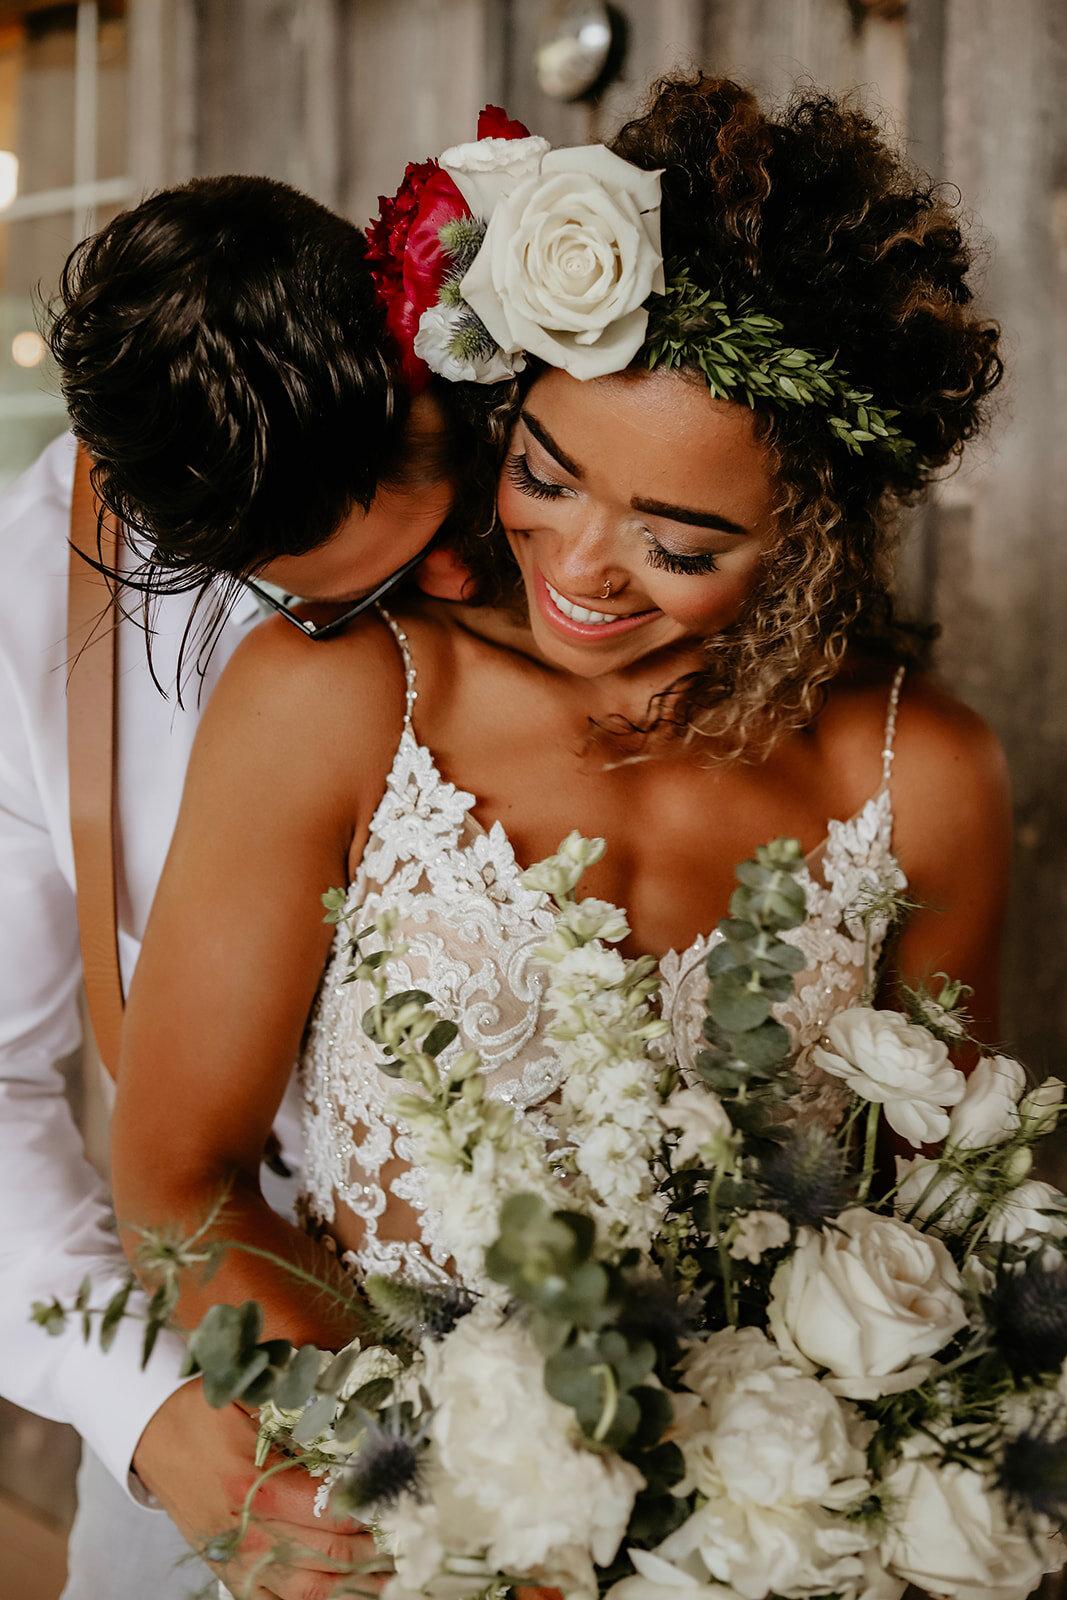 august-wolf-floral-design-des-moines-iowa-ames-wedding-florist-flower-crown-boho-bride-lace-dress.jpg